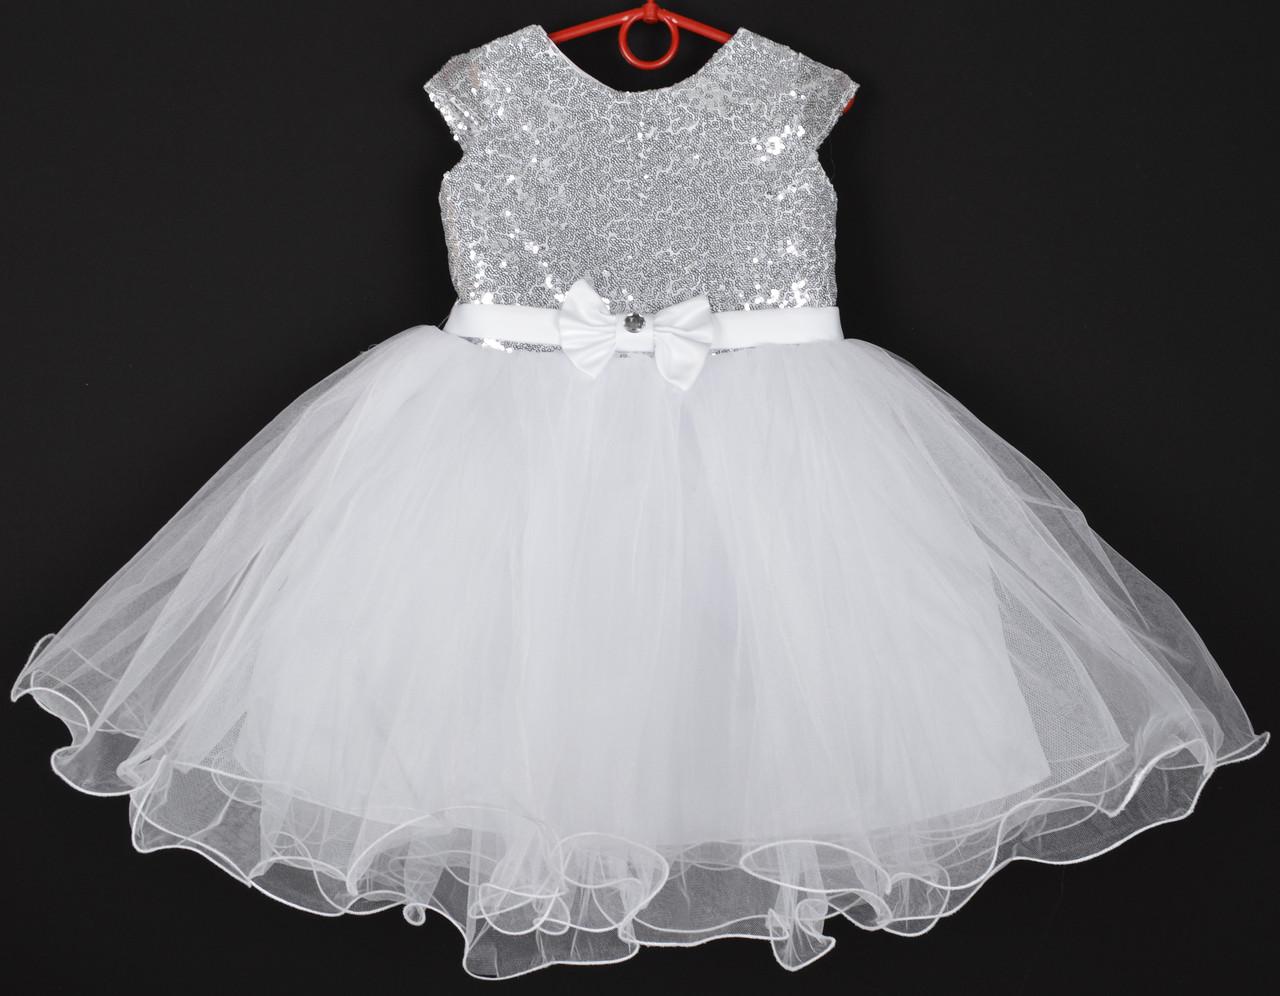 """Платье нарядное детское """"Заринка"""" с пайетками. 3-4 года. Белое. Оптом и в розницу"""